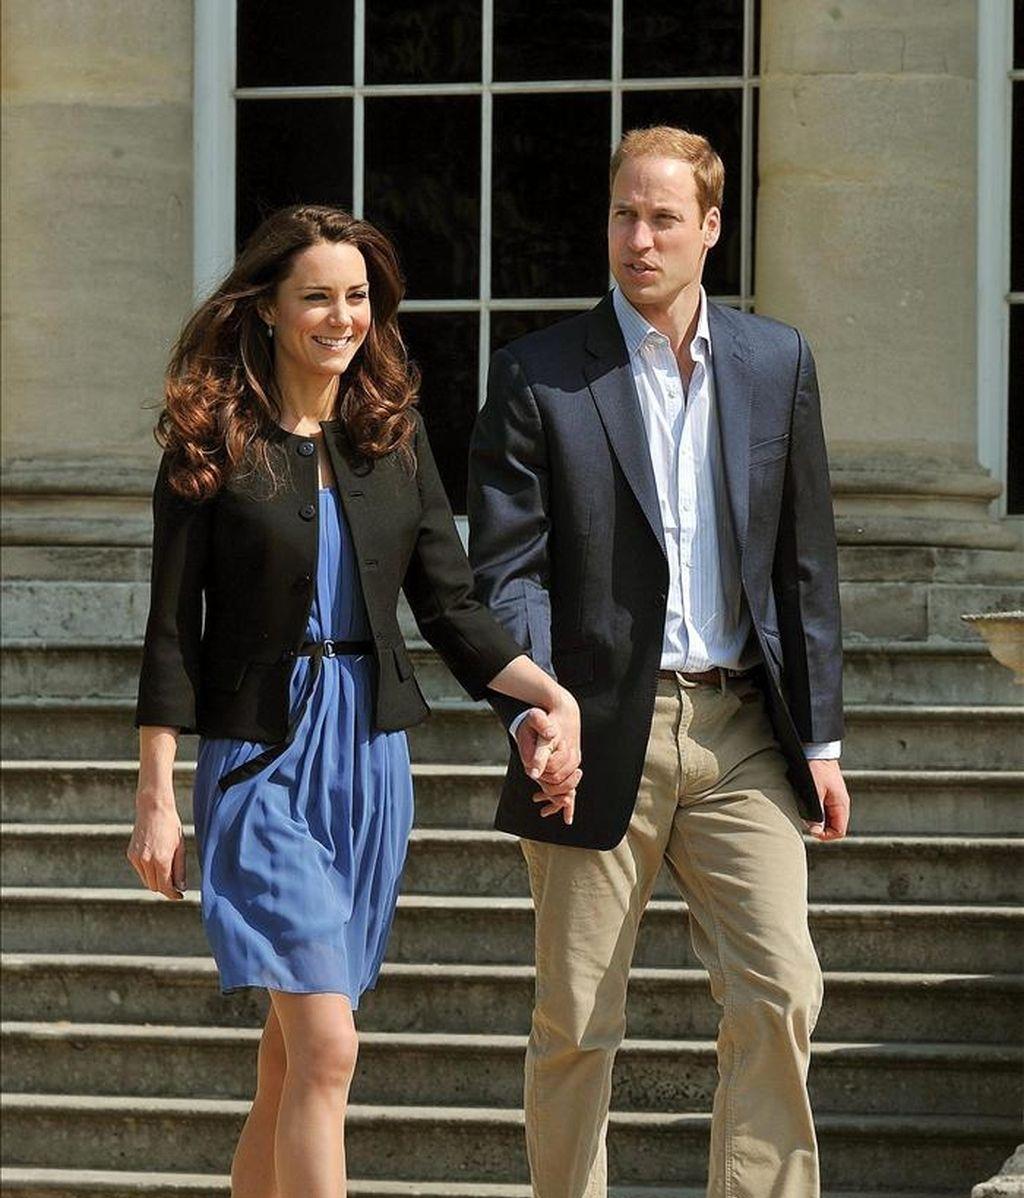 El príncipe Guillermo y Catalina, los nuevos duques de Cambridge, caminan agarrados de la mano el recinto del palacio de Buckingham, en Londres (Reino Unido). EFE